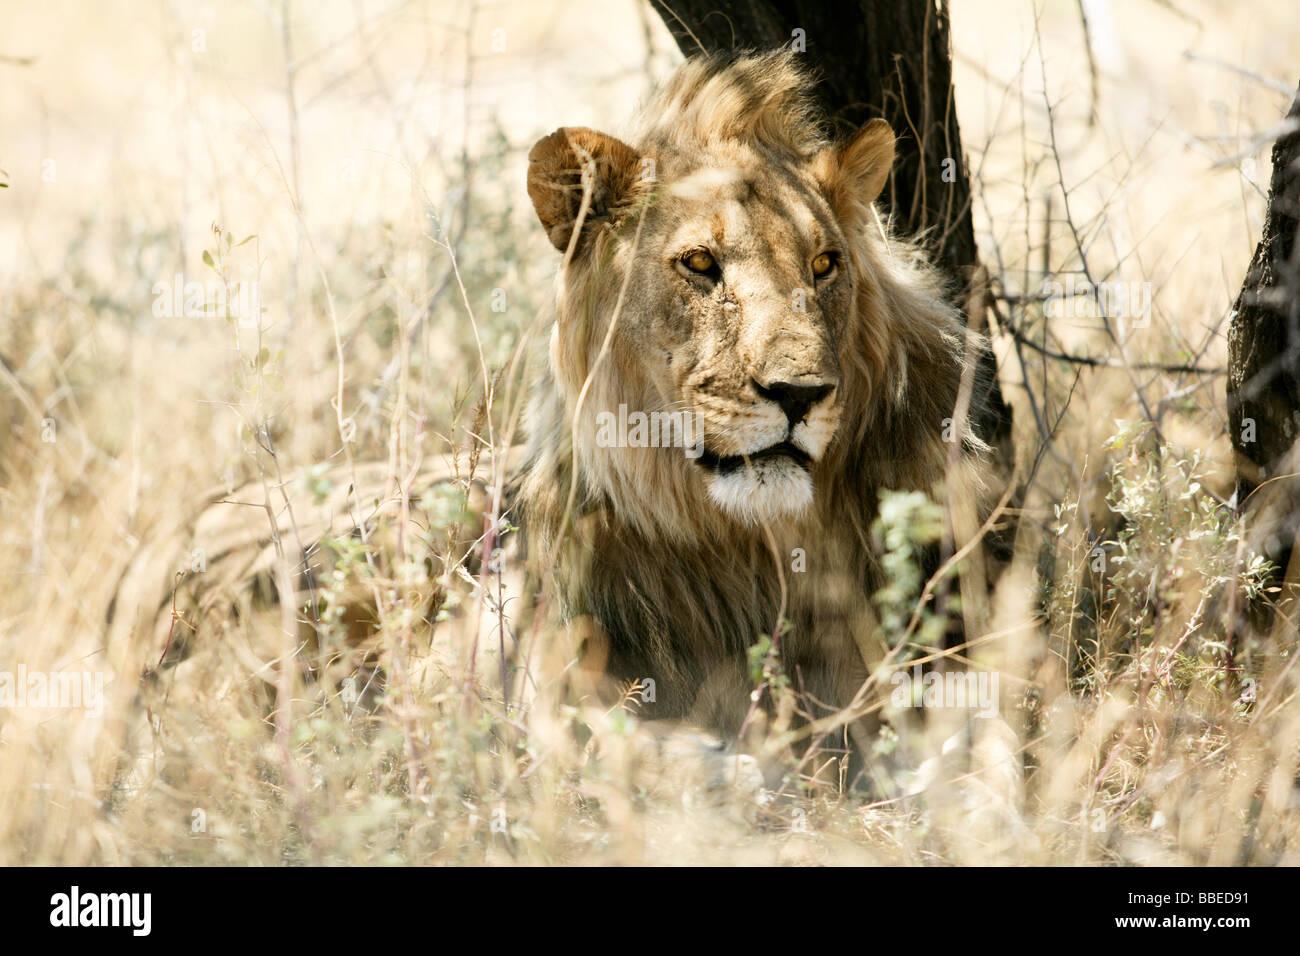 Lion en herbe, Etosha National Park, Namibie, région de Kunene Banque D'Images